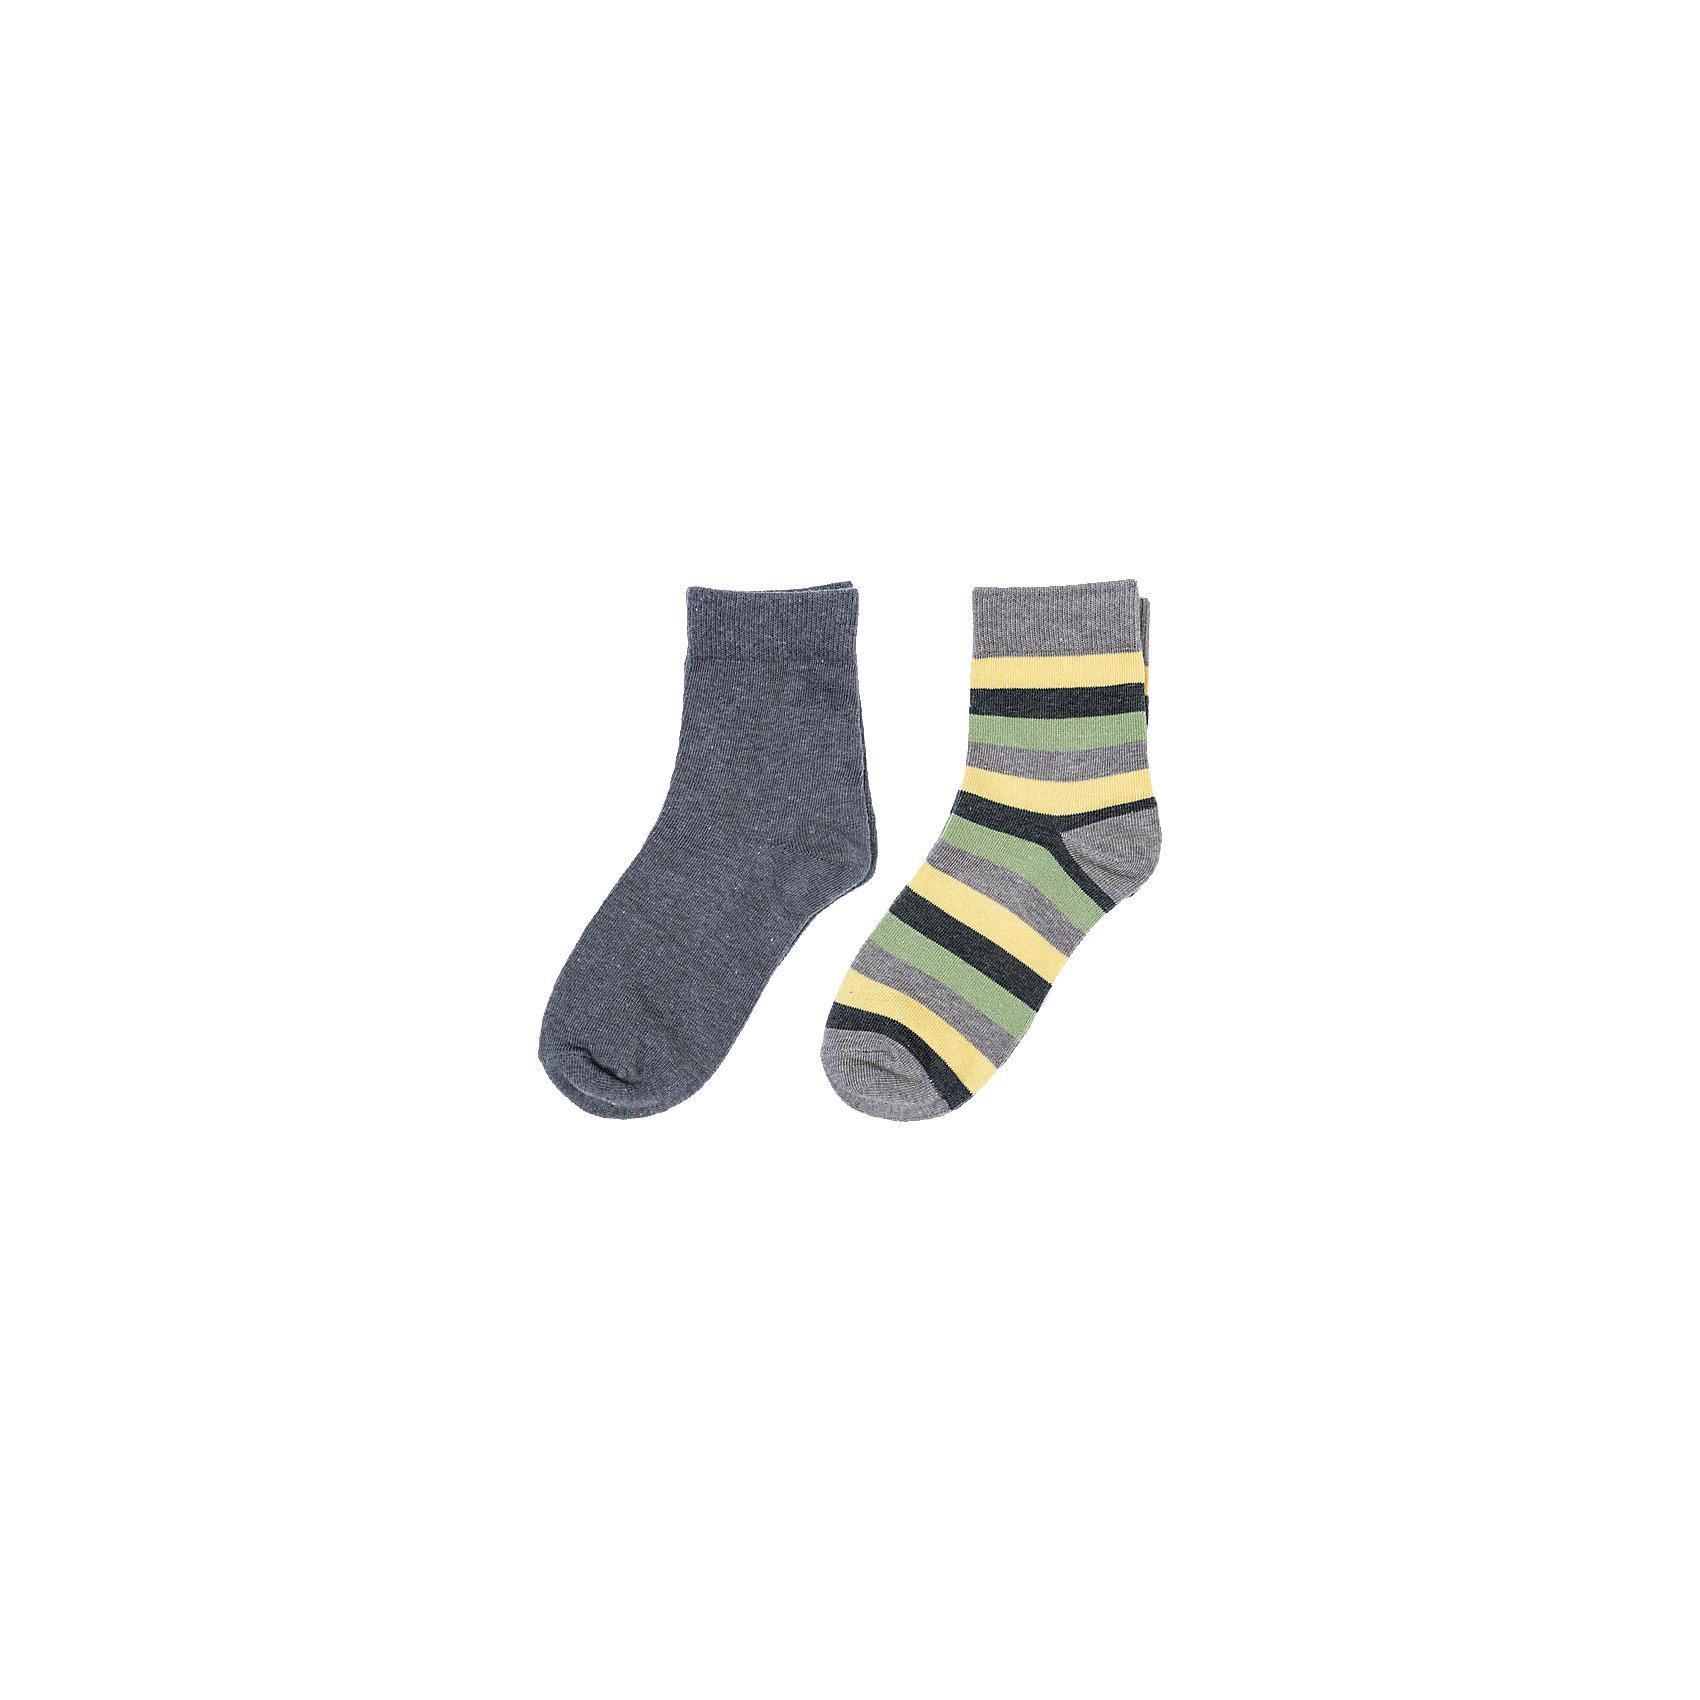 Носки Scool для мальчикаНоски<br>Носки Scool для мальчика<br>Носки очень мягкие, из  натуральных материалов, приятные к телу и не сковывают движений. Хорошо пропускают воздух, тем самым позволяя коже дышать. Даже частые стирки, при условии соблюдений рекомендаций по уходу, не изменят ни форму, ни цвет изделия. Одна из моделей выполнена в технике - yarn dyed - в процессе производства в полотне используются разного цвета нити.  Мягкая резинка не сдавливает нежную детскую кожу.<br>Состав:<br>75% хлопок, 22% нейлон, 3% эластан<br><br>Ширина мм: 87<br>Глубина мм: 10<br>Высота мм: 105<br>Вес г: 115<br>Цвет: серый<br>Возраст от месяцев: 156<br>Возраст до месяцев: 168<br>Пол: Мужской<br>Возраст: Детский<br>Размер: 24,20,22<br>SKU: 7105019